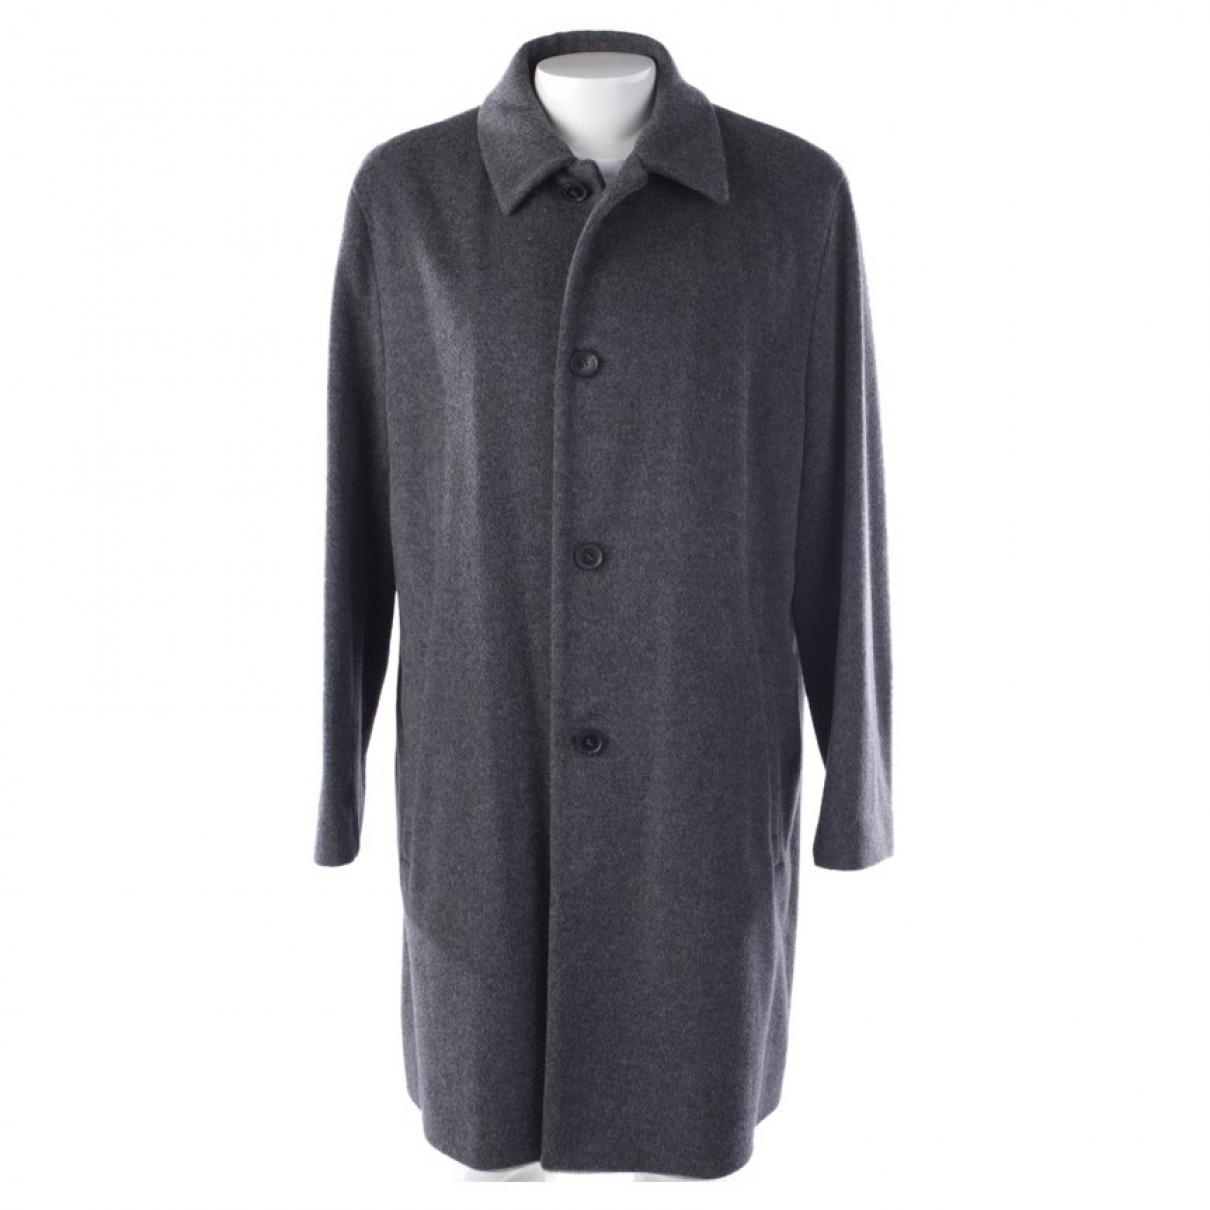 Hugo Boss \N Jacke in  Grau Wolle